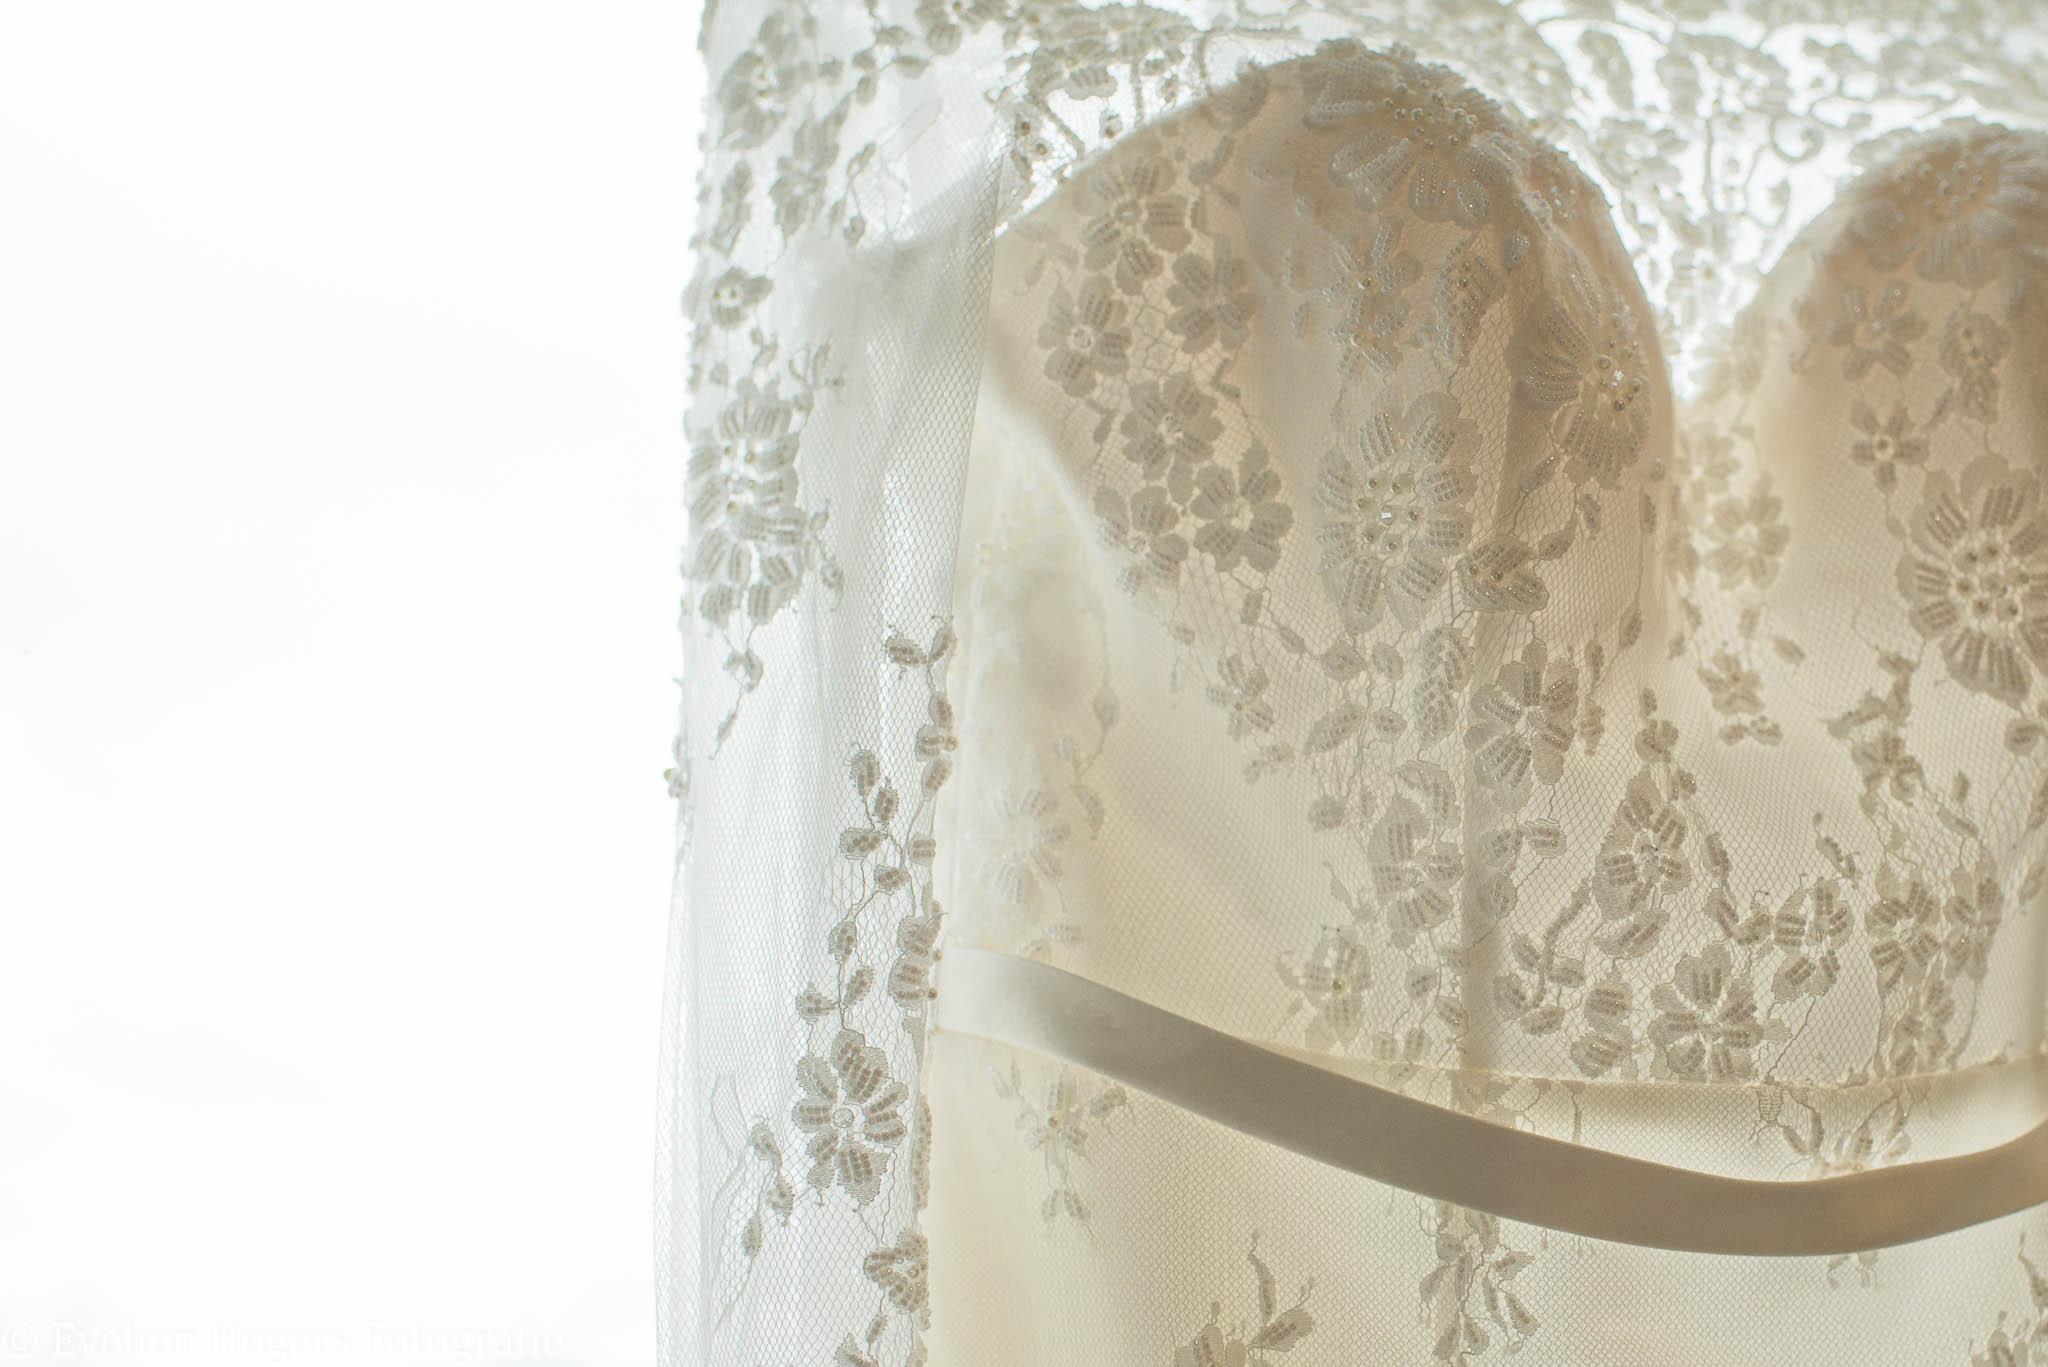 Estate_wedding_Metwatermerk-13.jpg